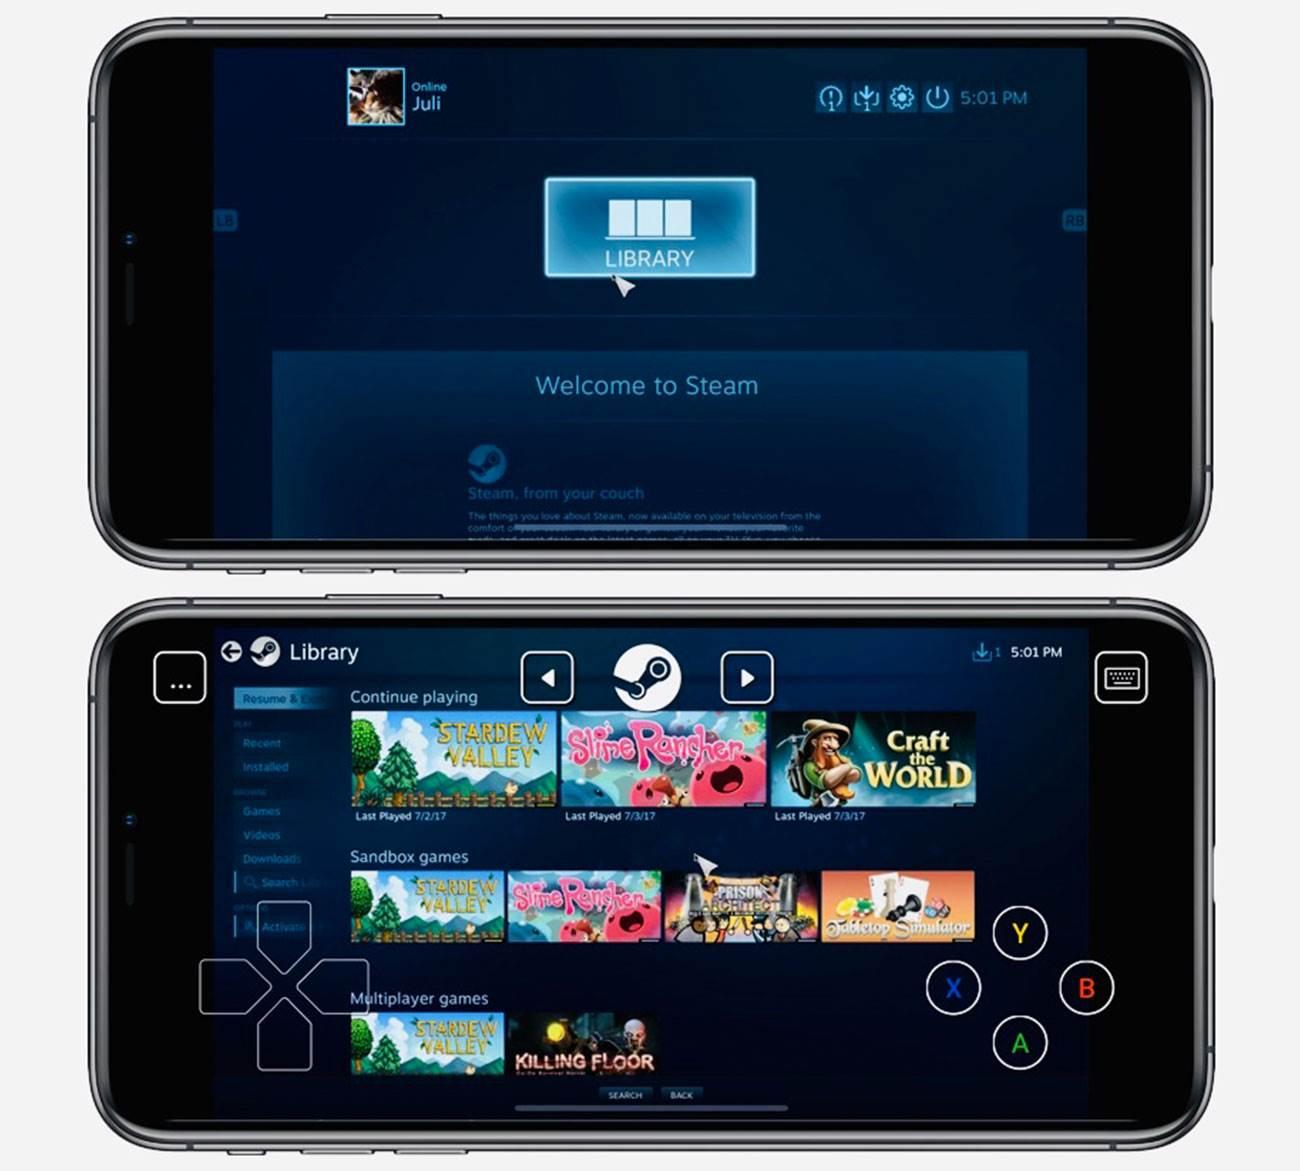 Steam Link - darmowa aplikacja umożliwiająca granie w gry Steam na iPhone, iPad w końcu dostępna w App Store ciekawostki steam na iOS, steam link, iPad, gry, granie w gry steam na iPhone, granie, download, aplikacja steam na iOS  W 2018 roku firma Valve ogłosiła aplikację Steam Link na iOS do strumieniowego przesyłania gier z PC i Mac na iPhone, iPad, ale program nie był dozwolony w App Store. Teraz wszystko się zmieniło. steam 1